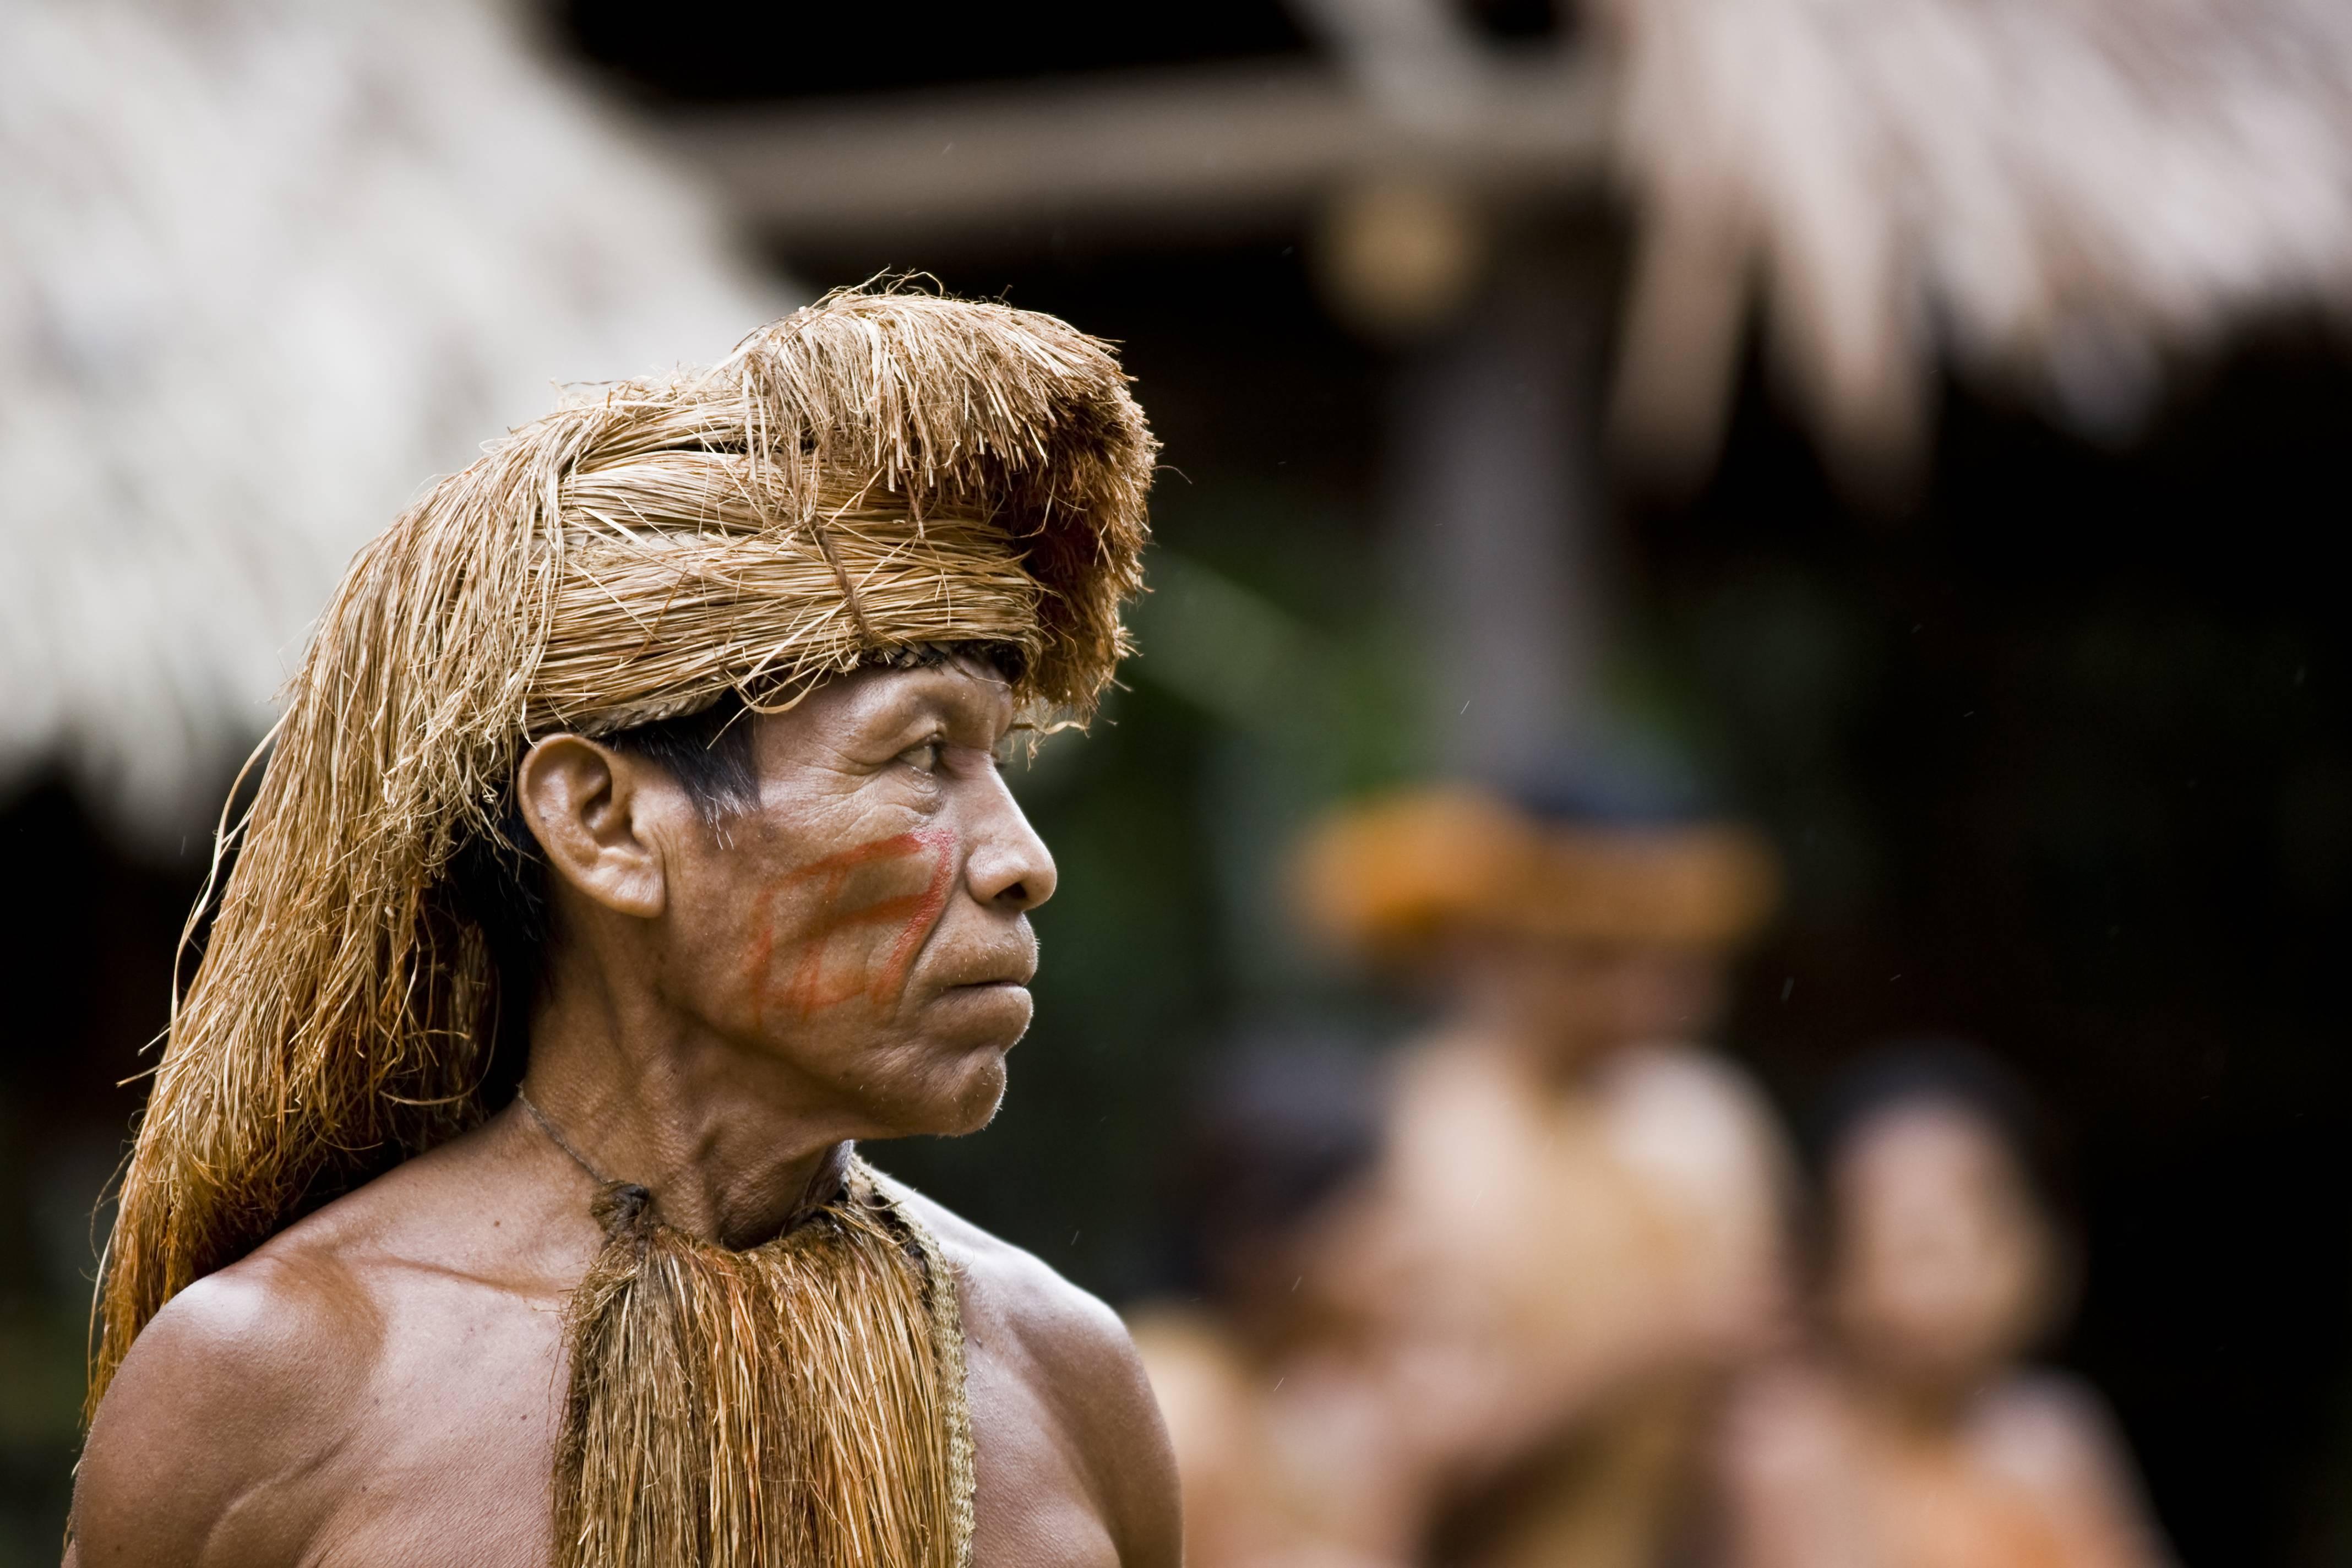 Día Internacional de los Pueblos Indígenas se conmemora este miércoles